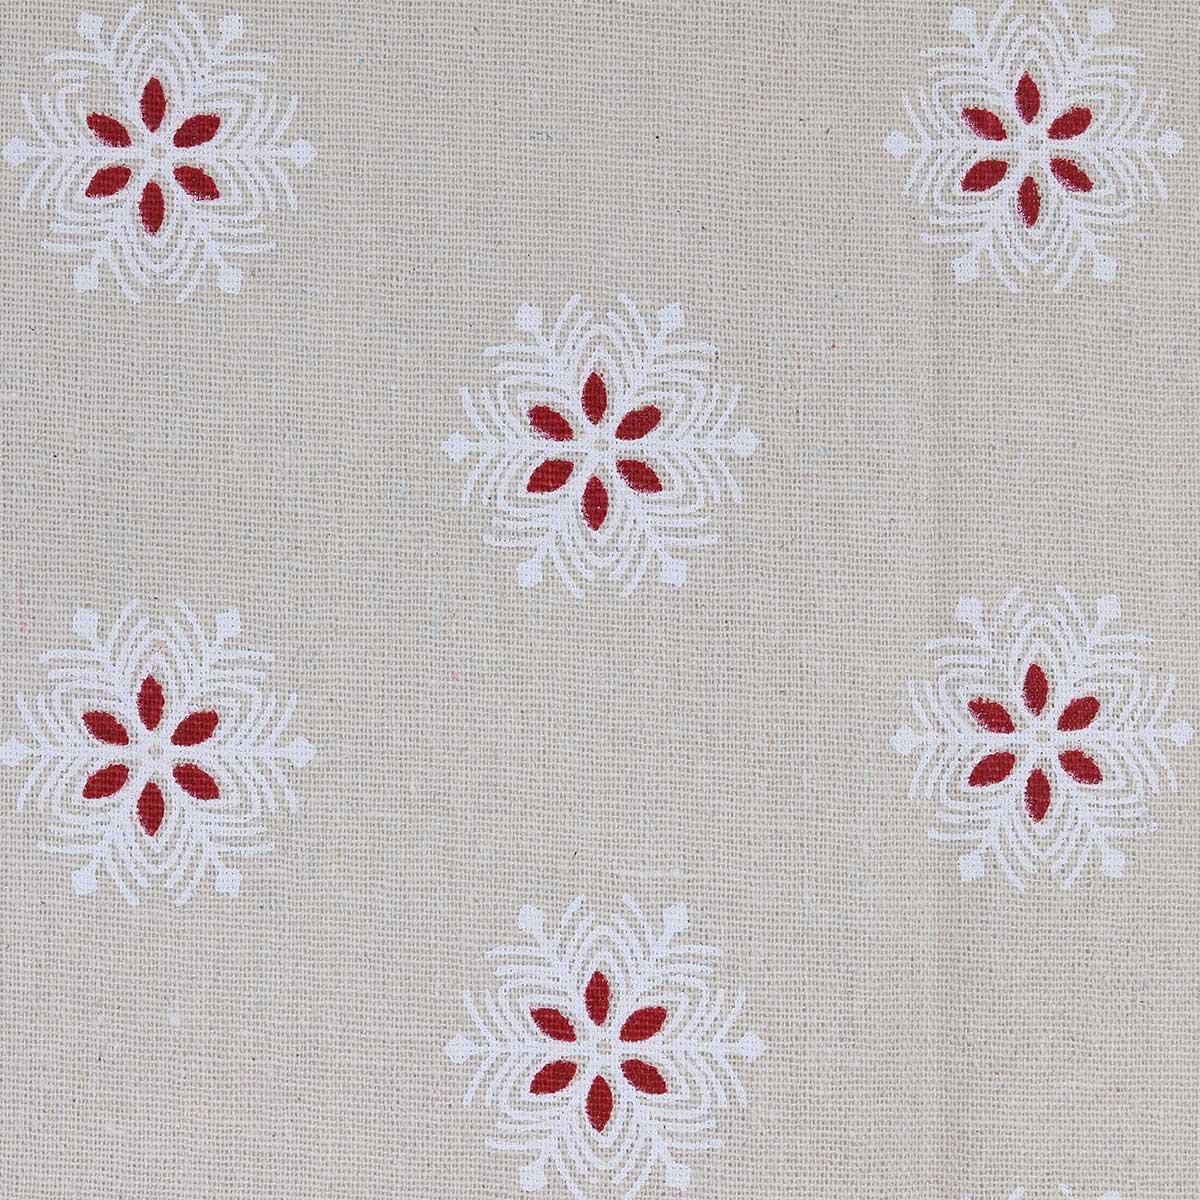 23653 Ткань 'ДЕКОР-3/19' с принтом размер 50*50см (60%лен,40%хлопок)